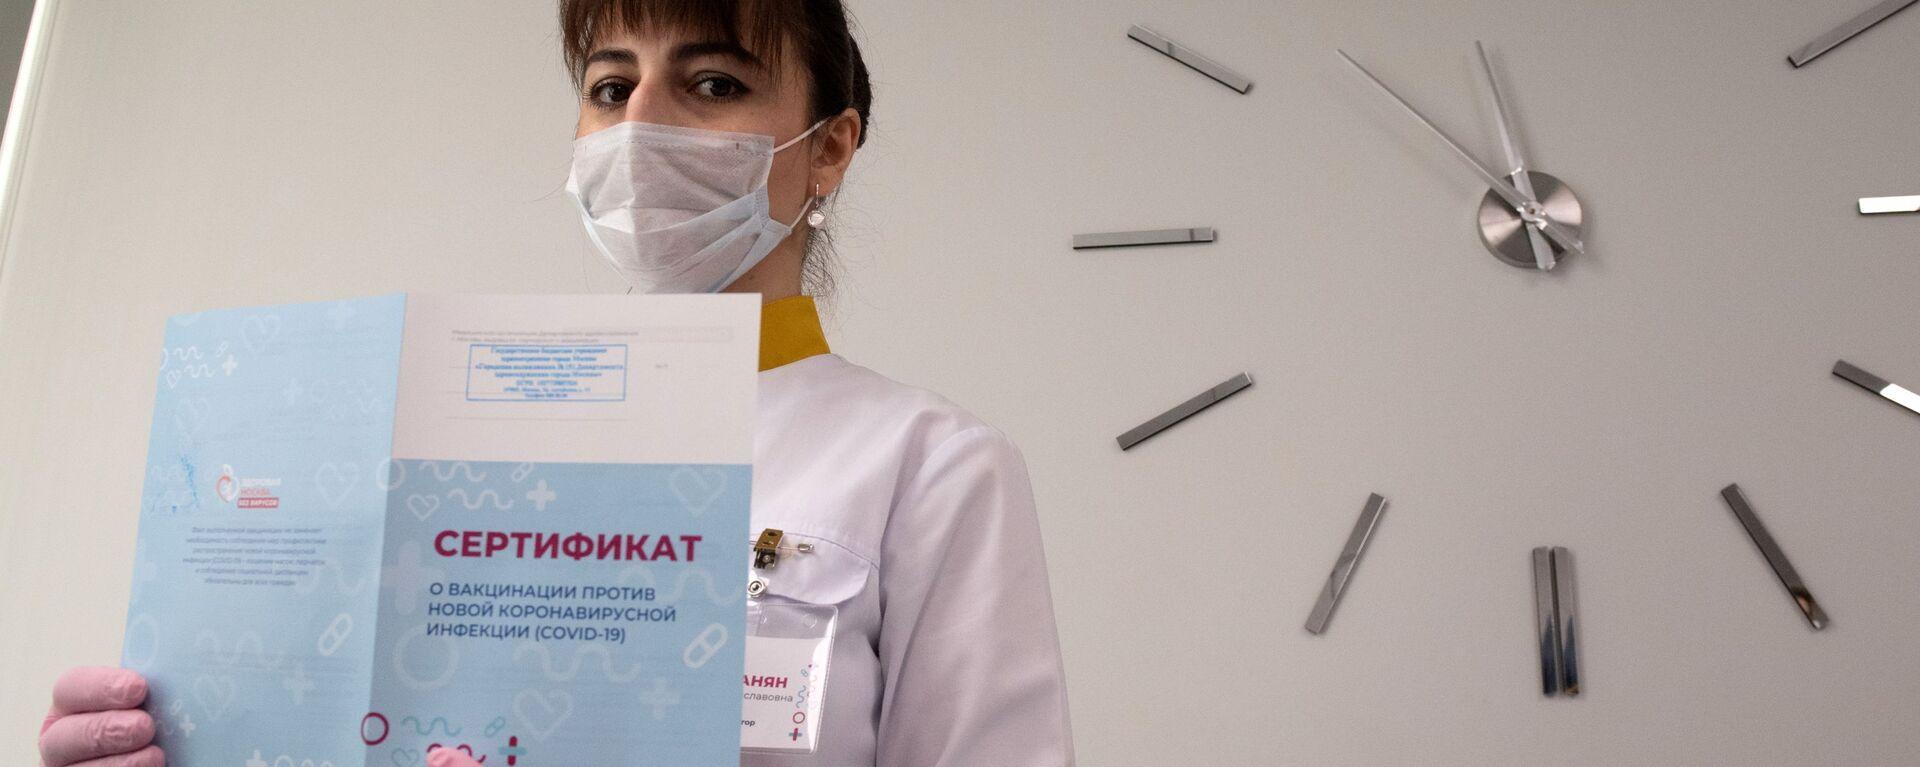 Медработник демонстрирует Сертификат о вакцинации от новой коронавируссной инфекции COVID-19 в Москве - Sputnik Таджикистан, 1920, 16.07.2021